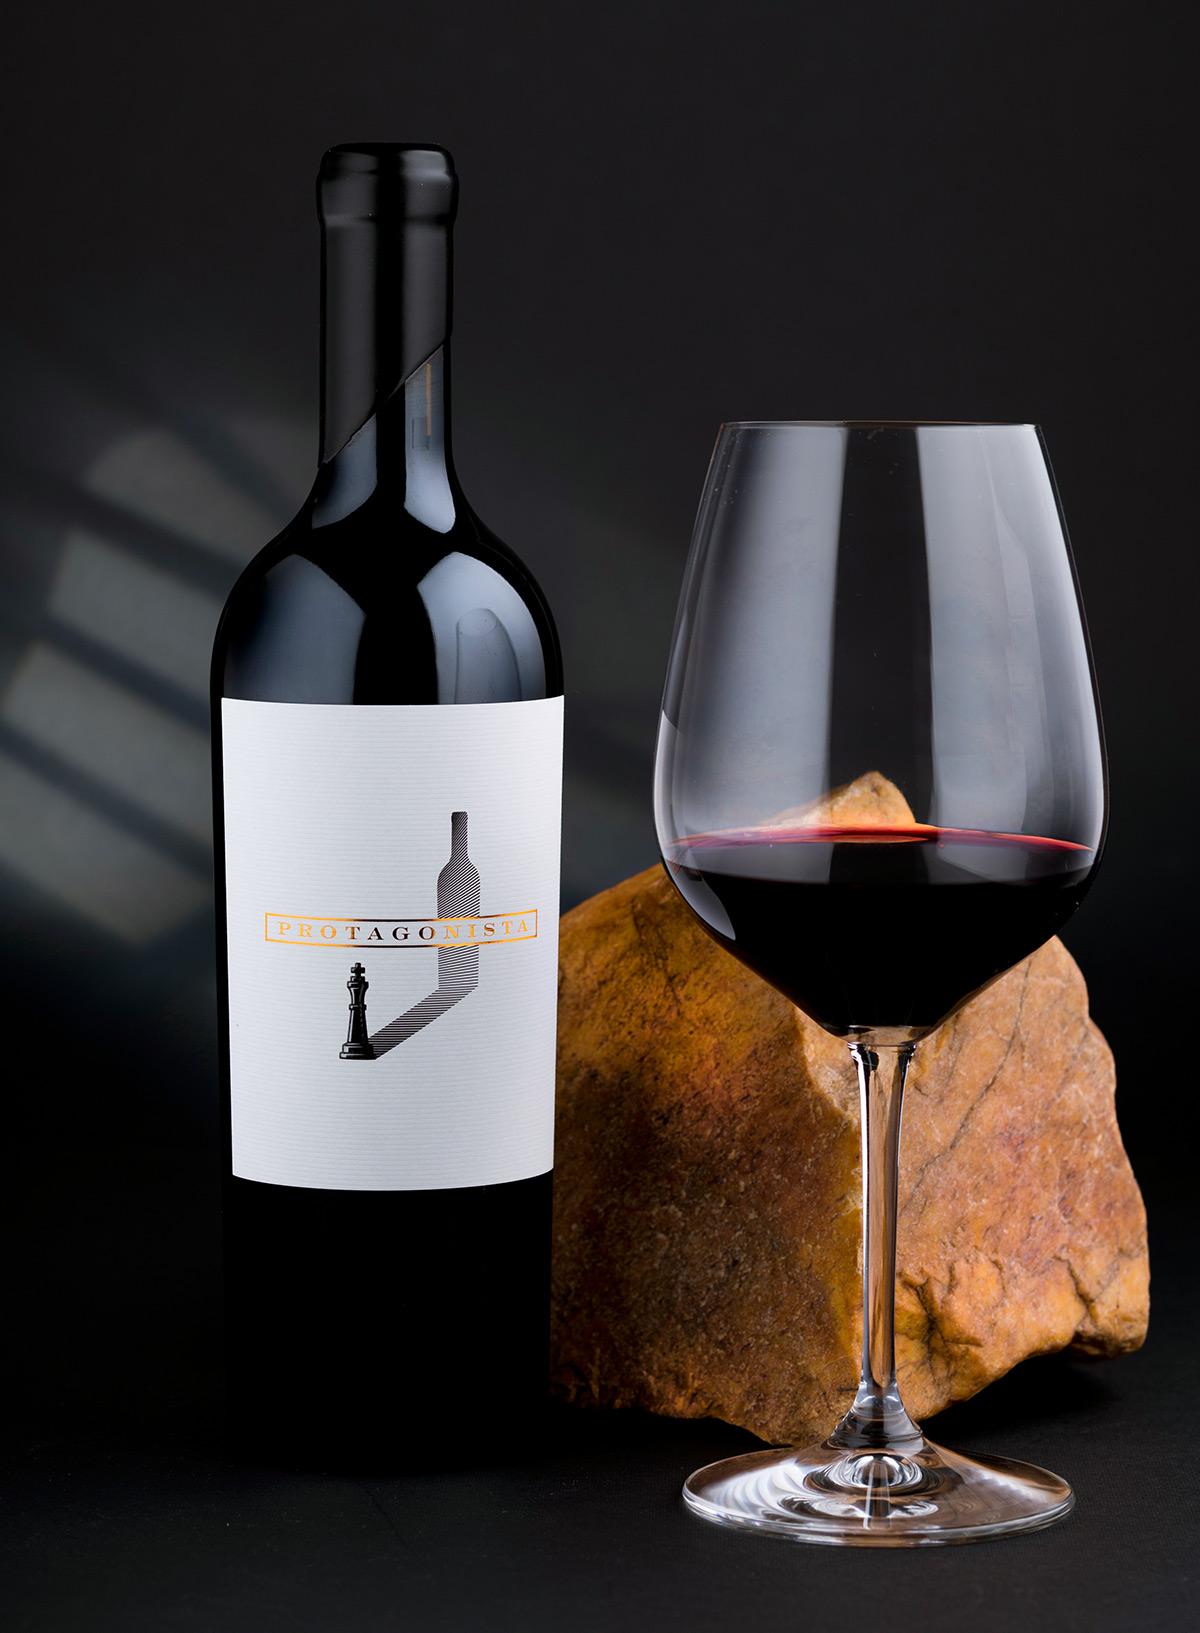 amazing wine label design